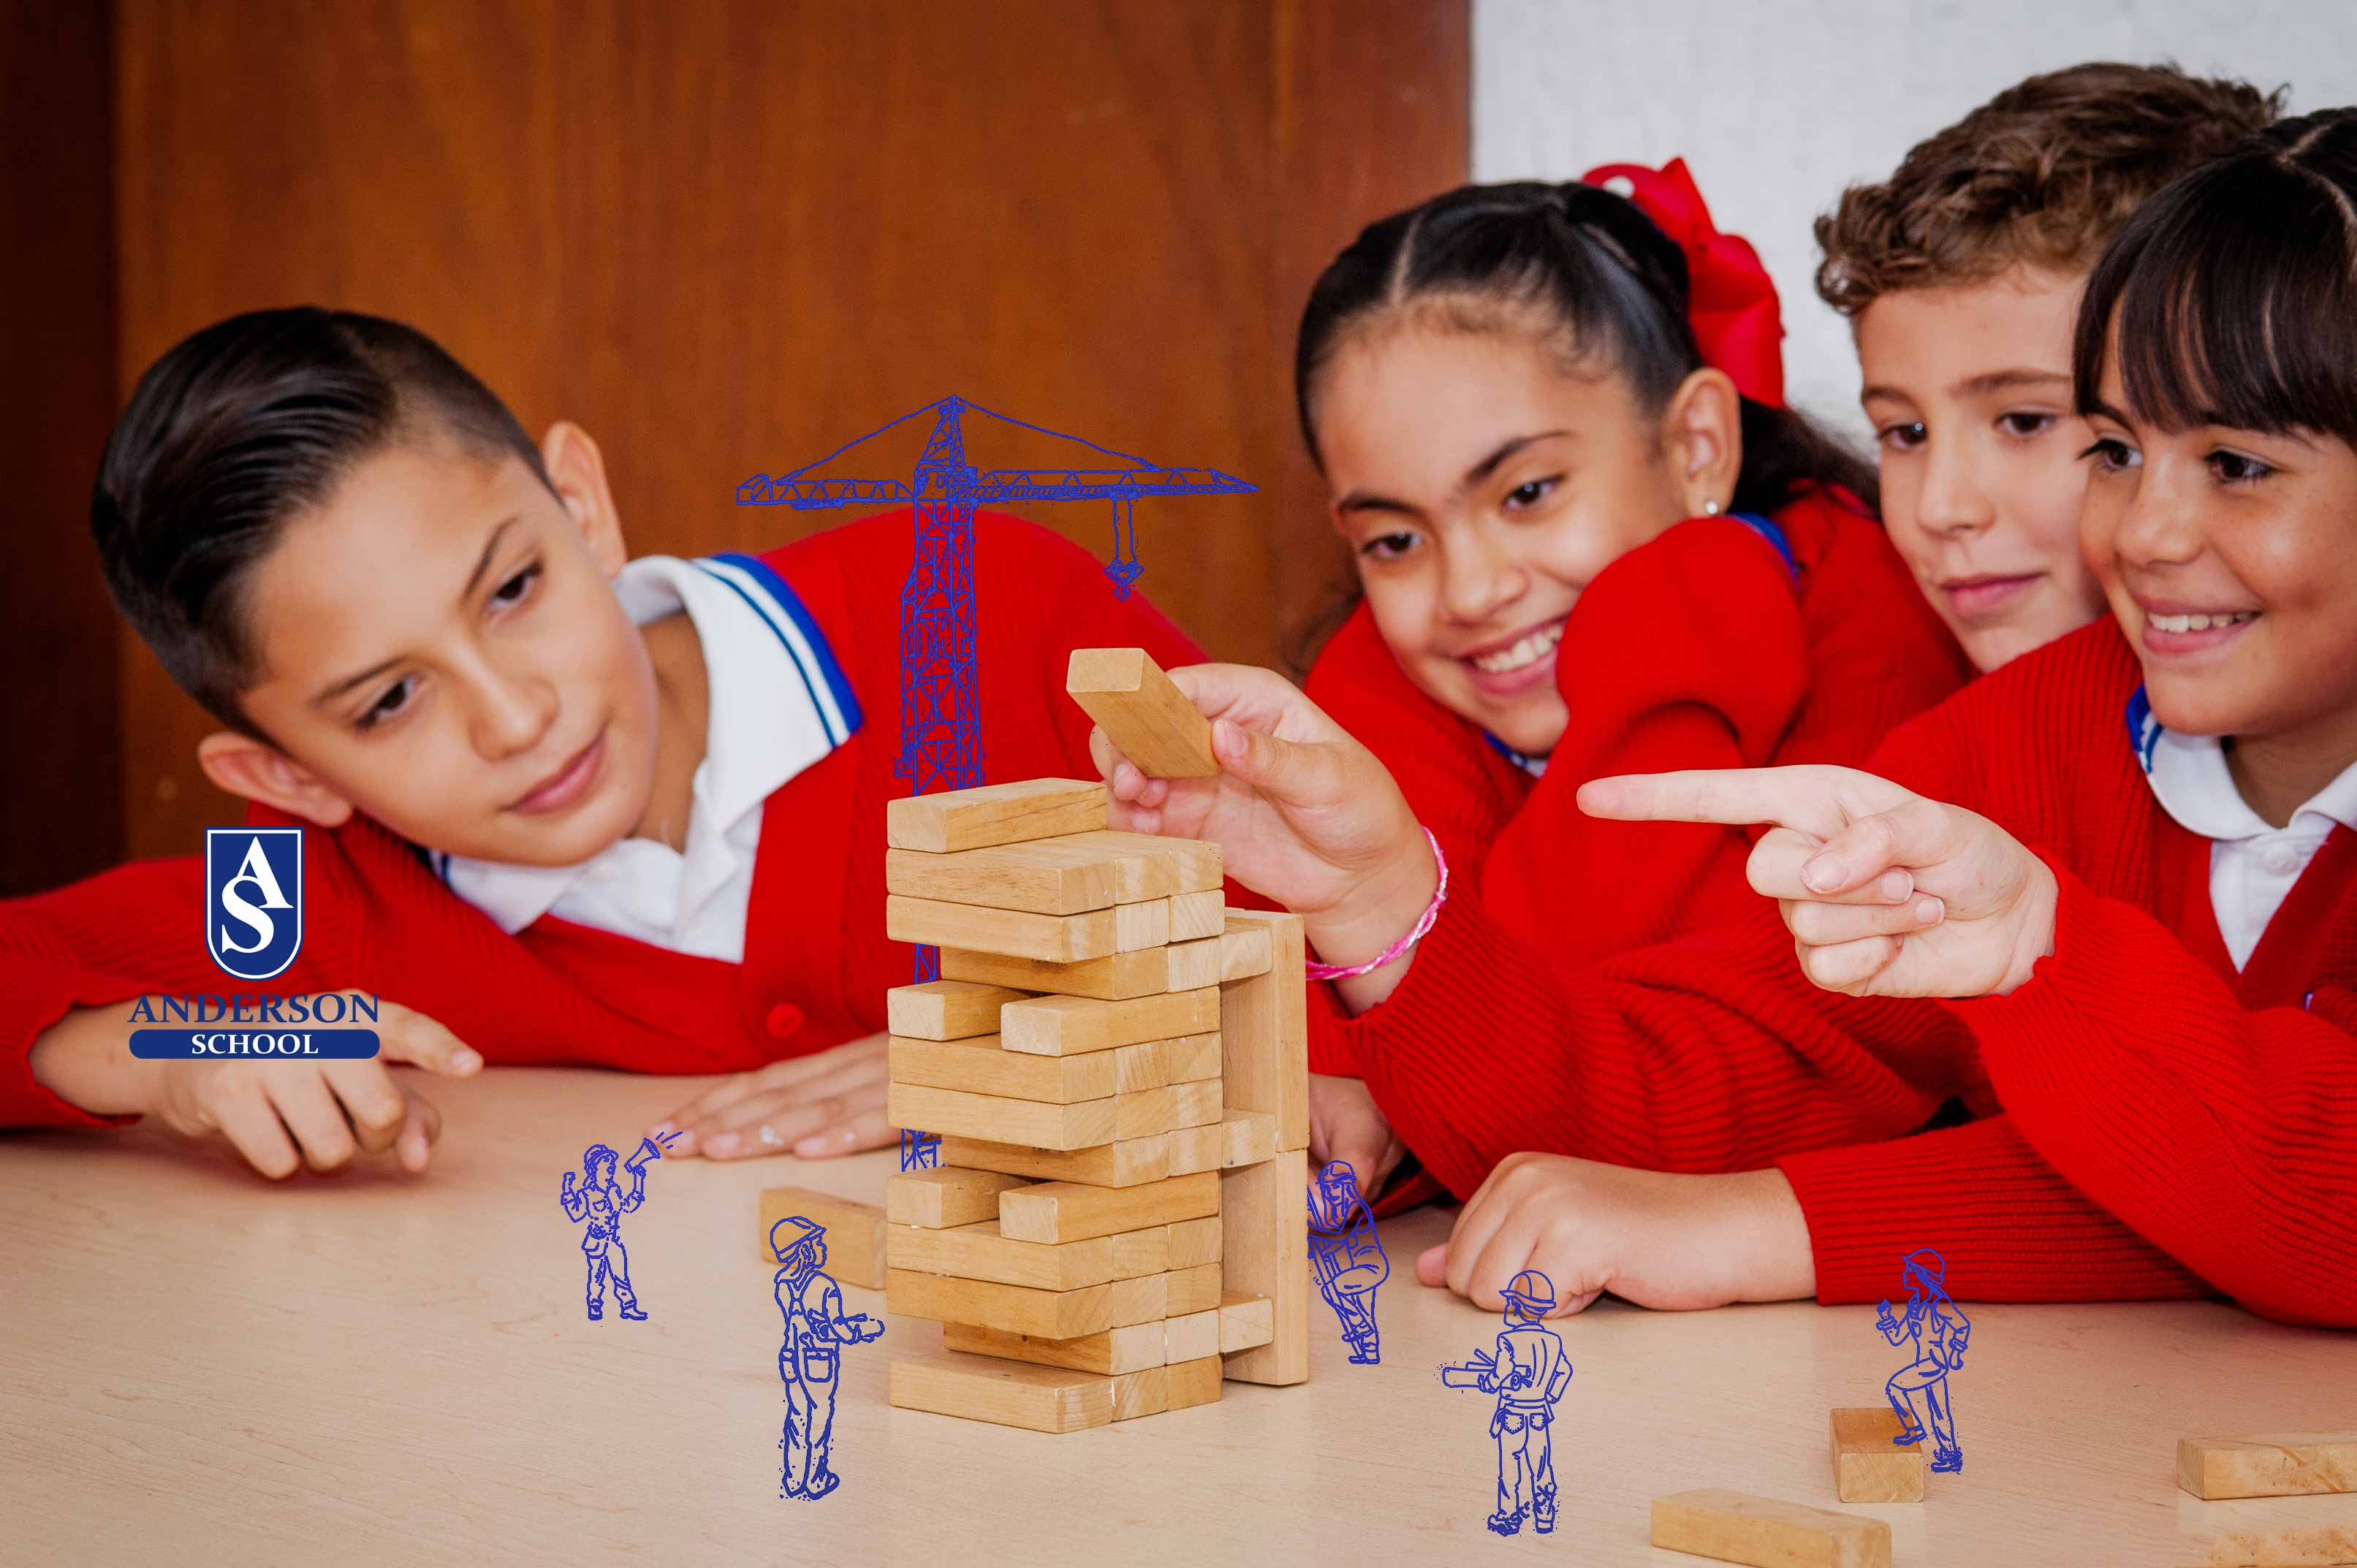 anderson school tu mejor educacion tu mejor colegio mejores colegios en guadalajara